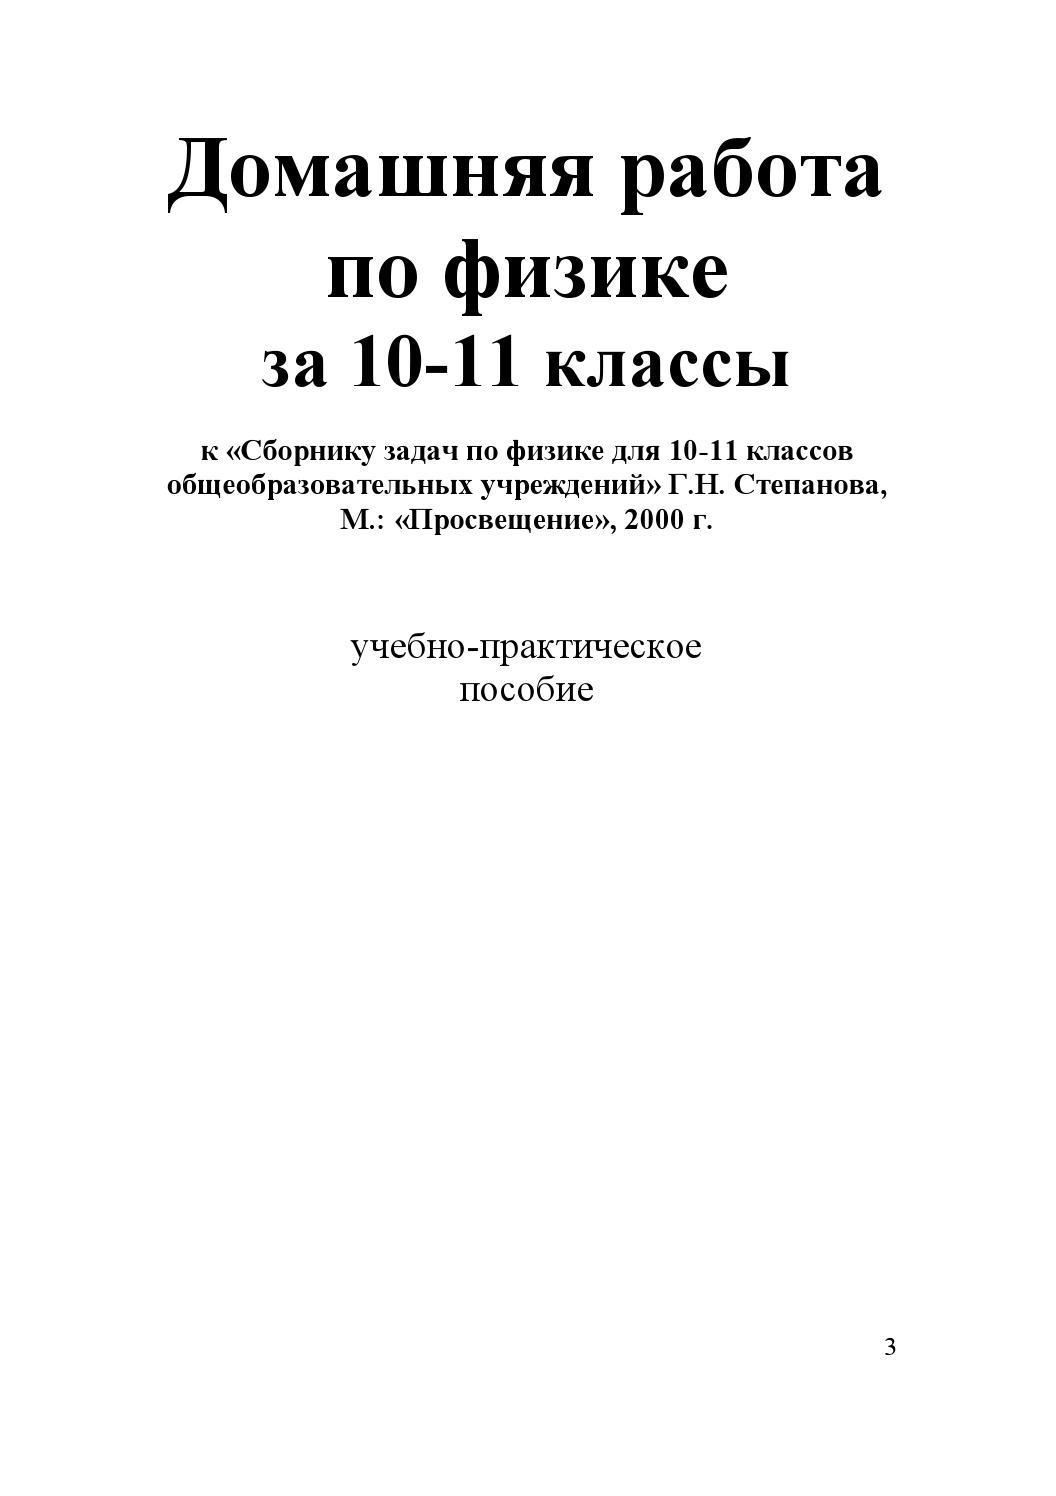 Решебник По Физике Сборник 1995